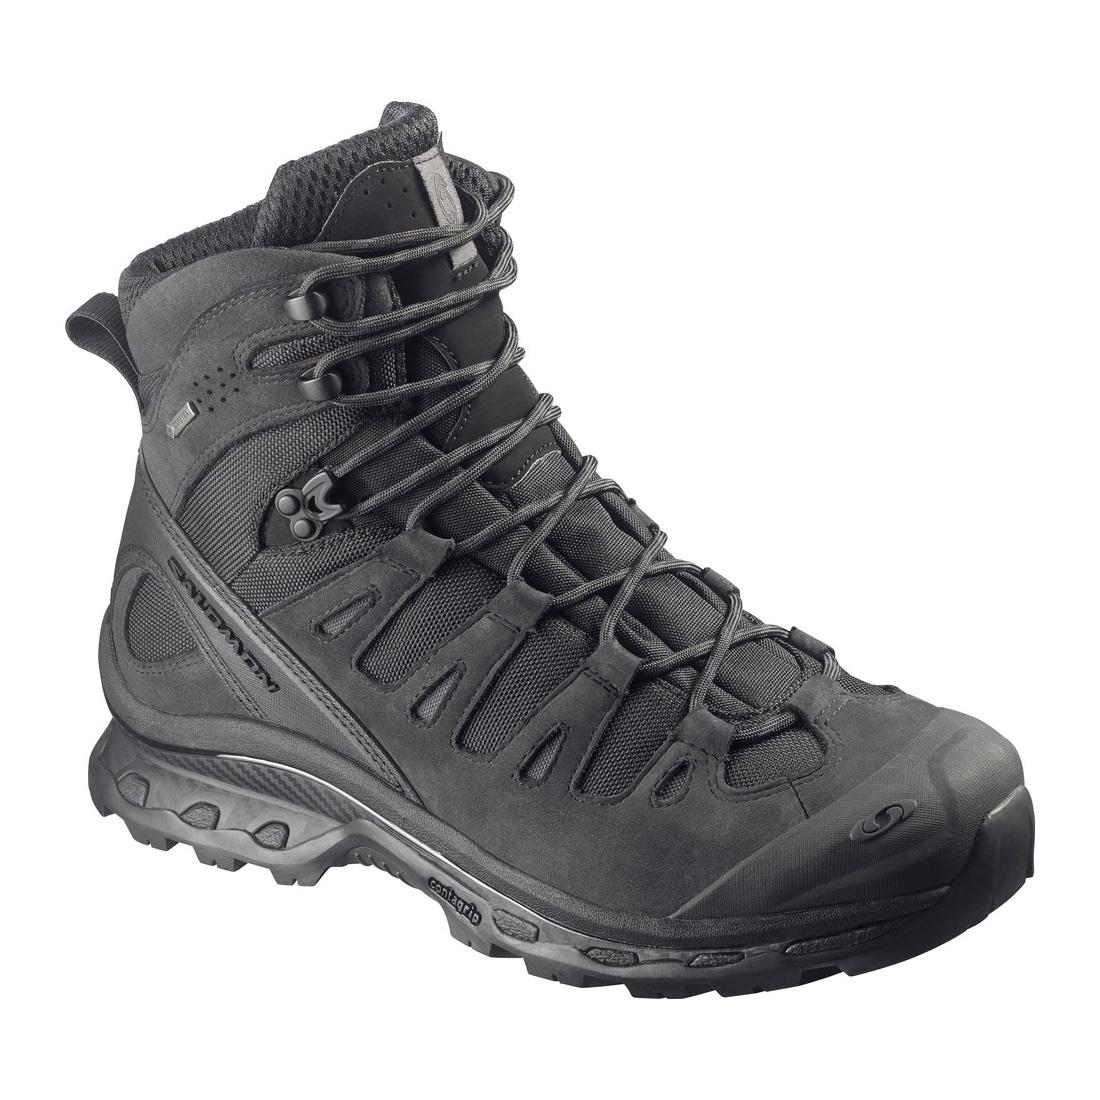 Salomon Quest 4D Forces Tactical Boots (Men's) BlackAsphalt